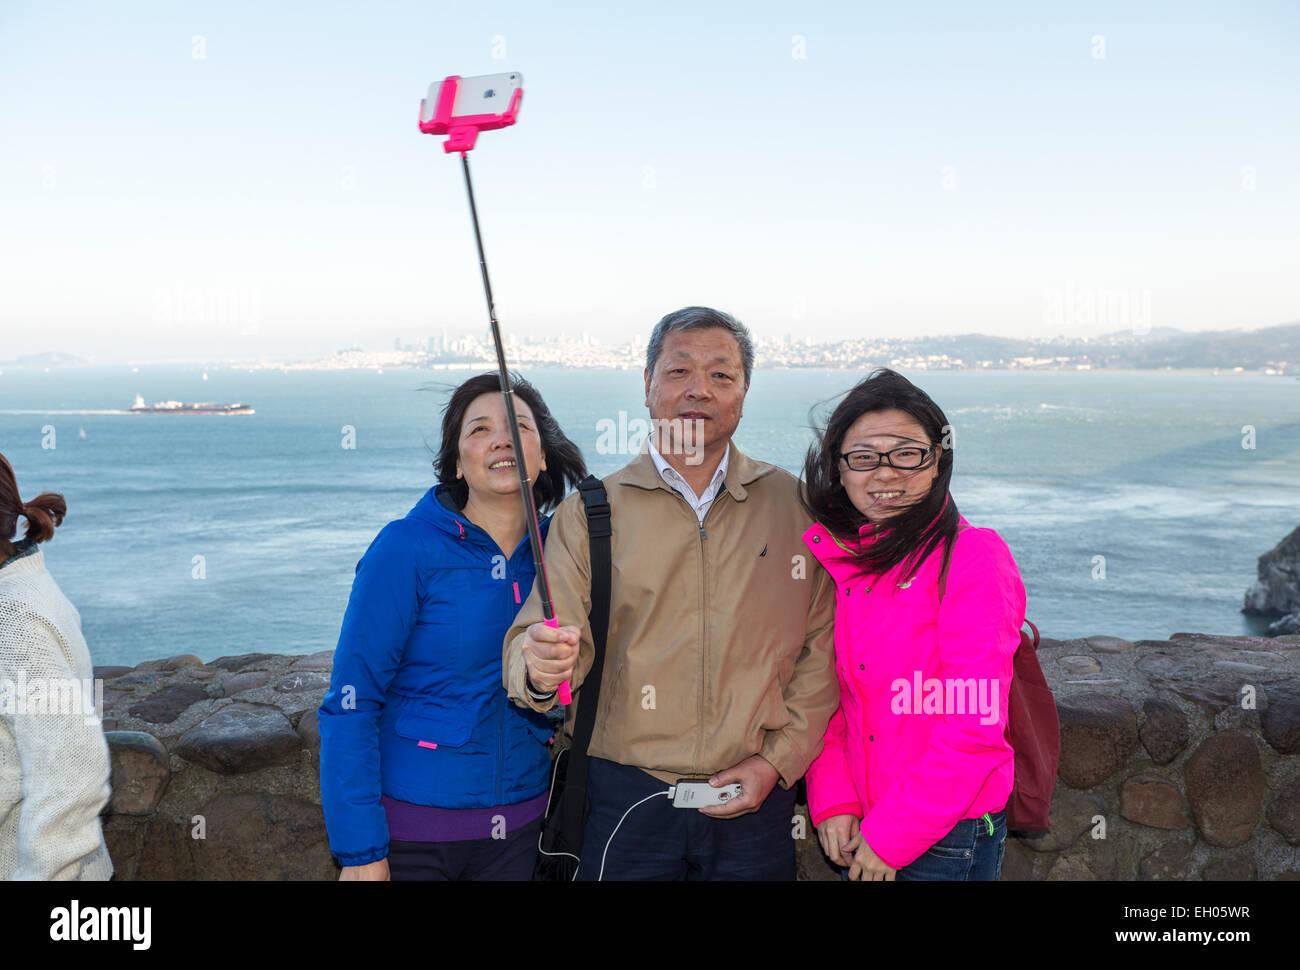 I turisti, famiglia, prendendo selfie, selfie foto, selfie stick, punto di vista, lato nord del Golden Gate Bridge, Immagini Stock